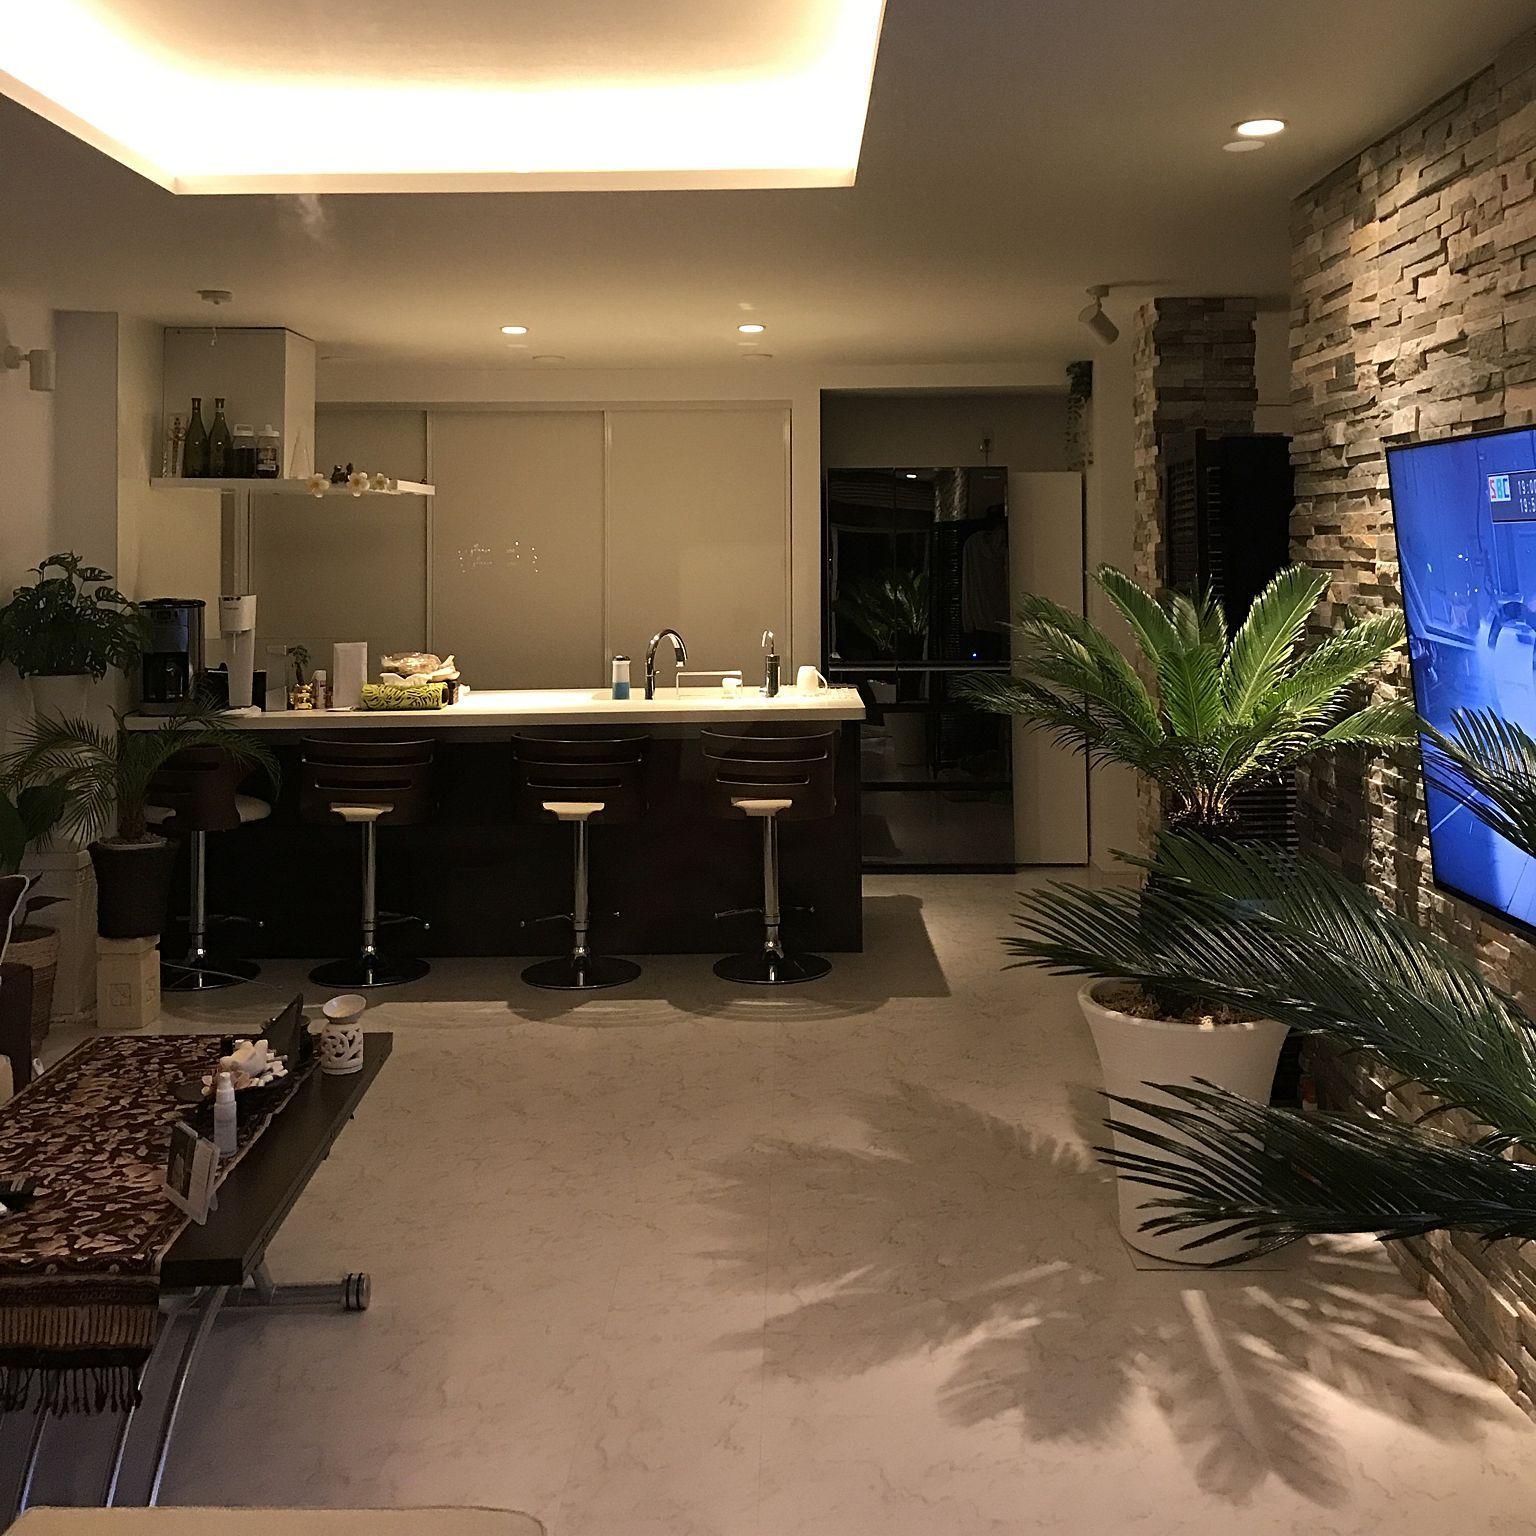 部屋全体 高級感 リゾート風 バリ アジアン などのインテリア実例 17 02 08 19 56 45 Roomclip ルームクリップ リビングルームのデザイン アジアン リビング インテリア 実例